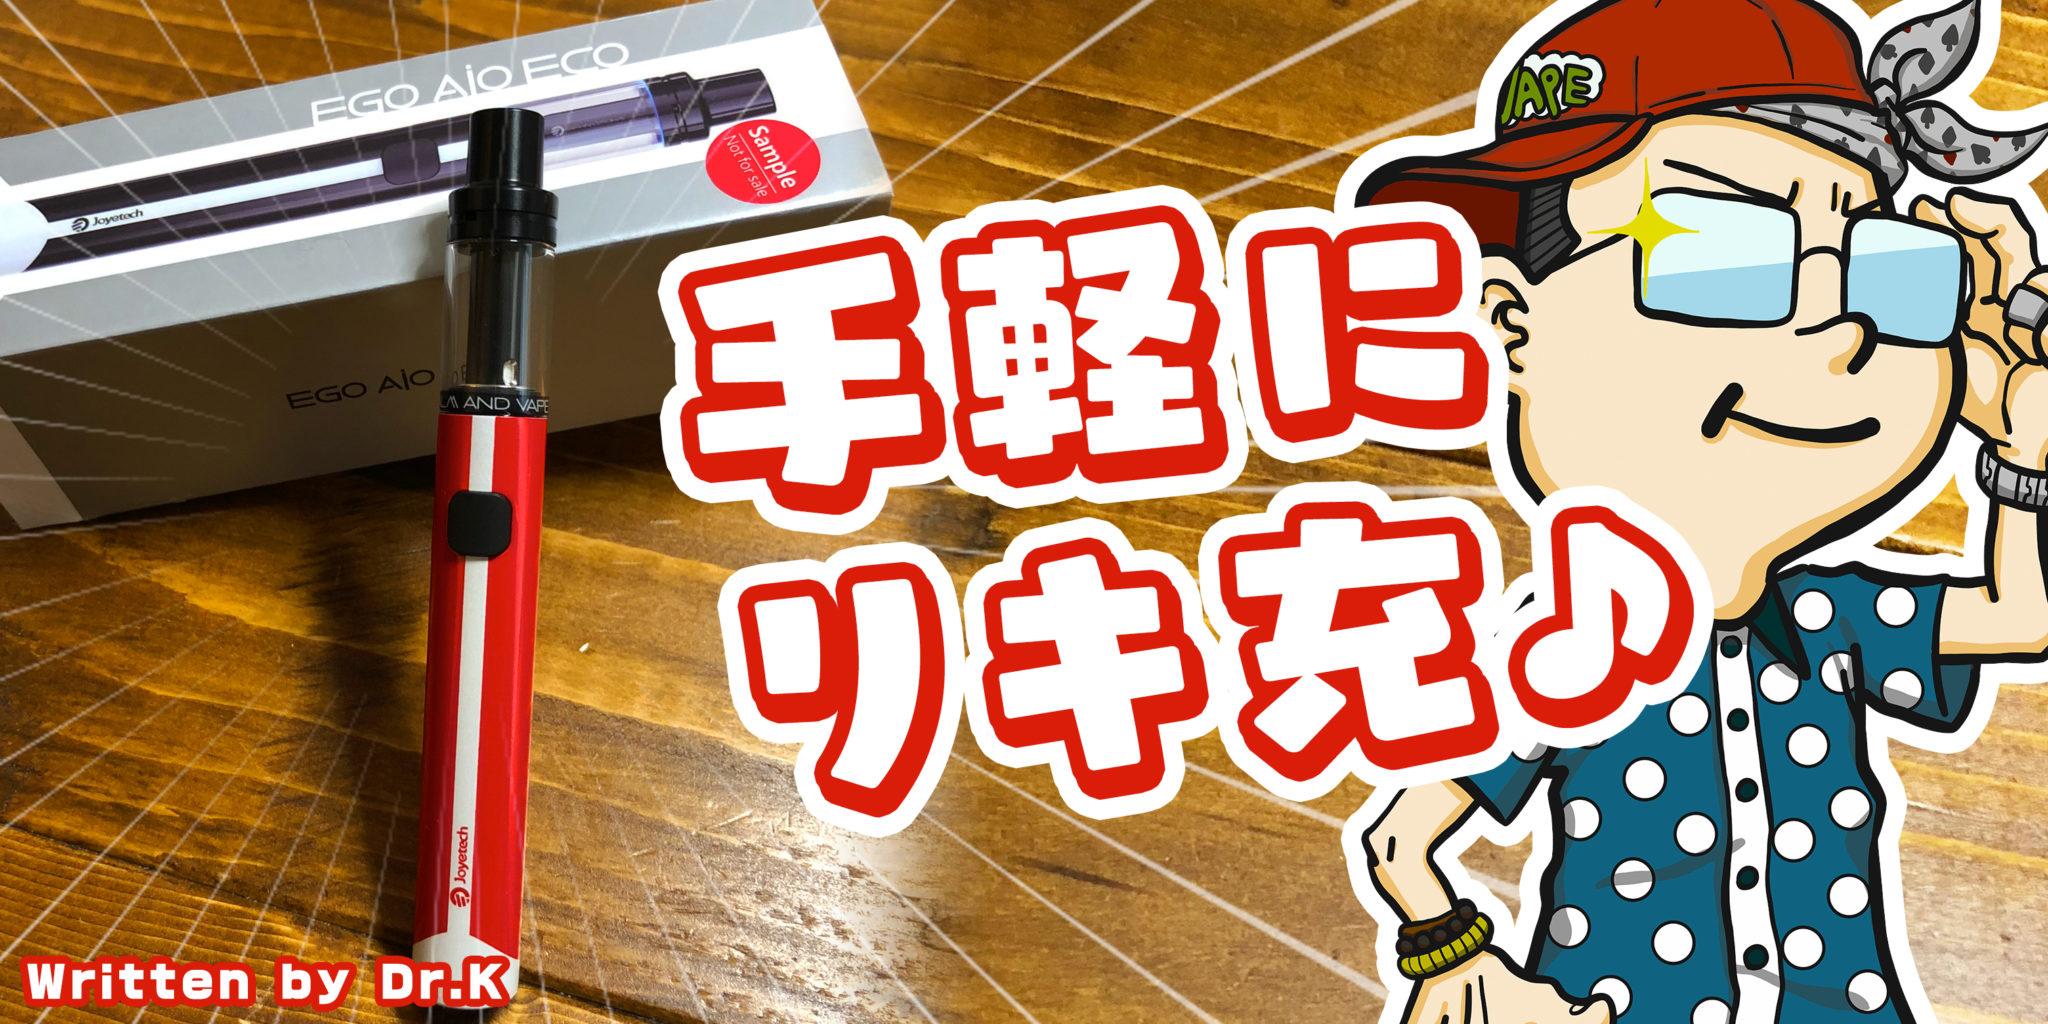 main 1 - 【レビュー】手軽にリキ充♪ Joyetech「eGo AIO ECO(イーゴ・エーアイオー・エコ)」このスティック型電子シガーはアリ!!